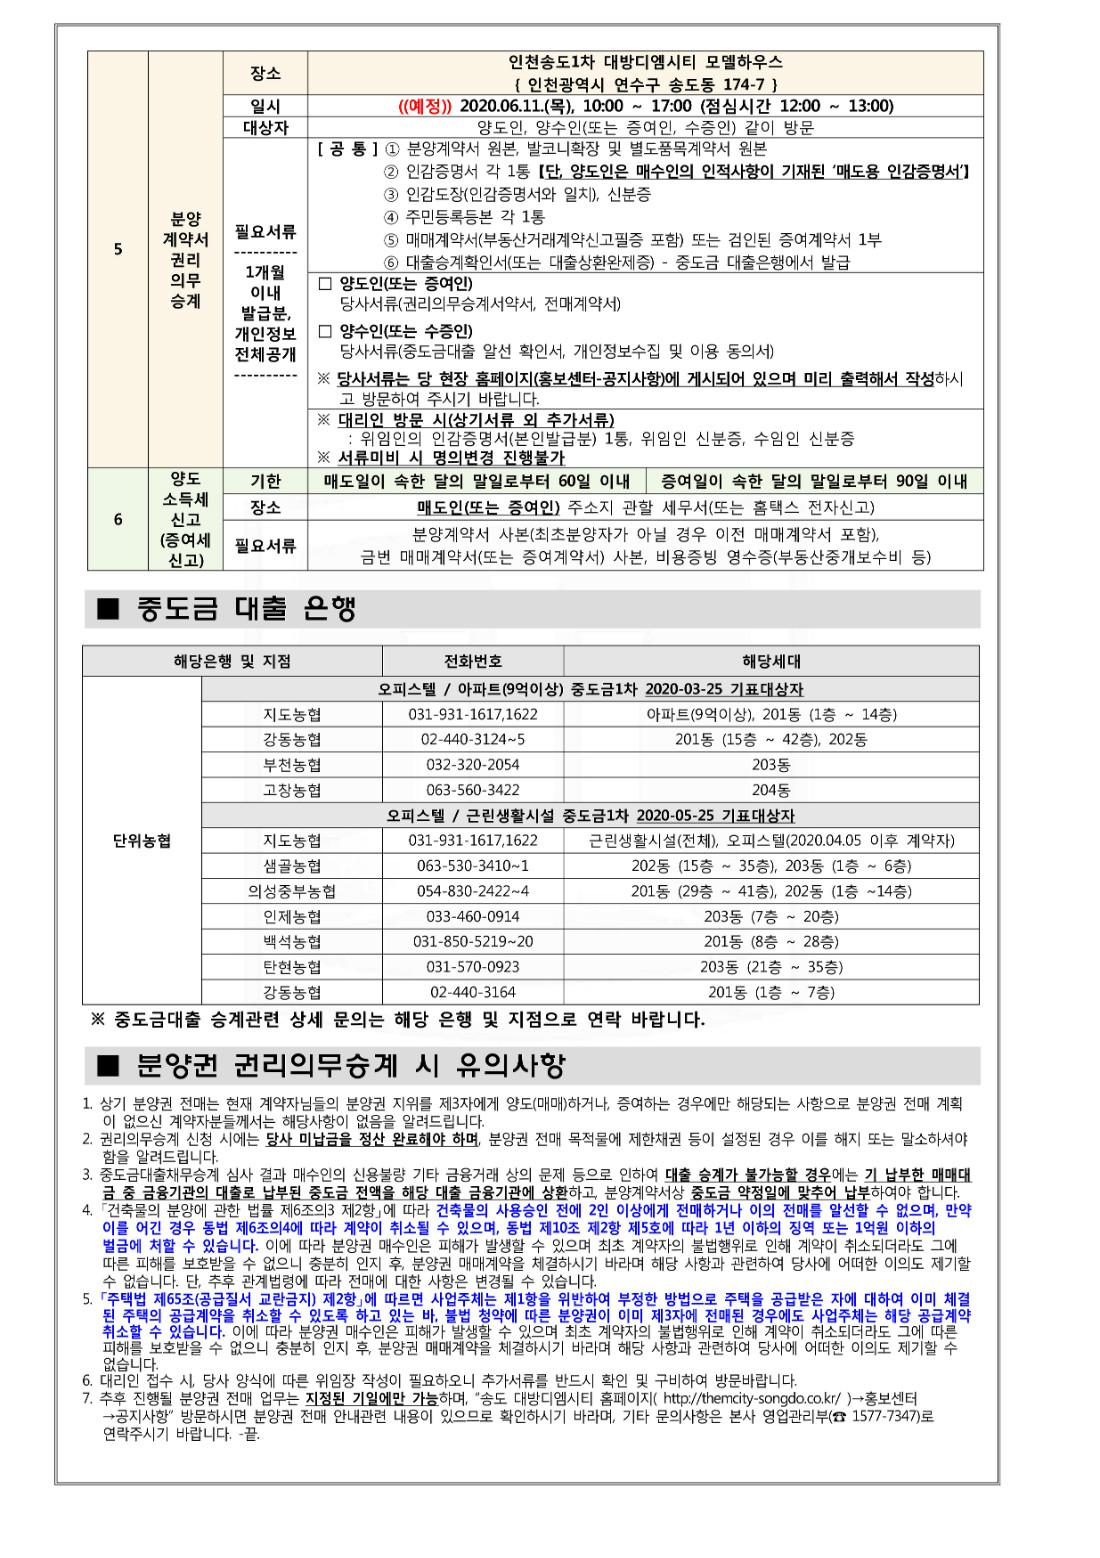 3. 송도 대방디엠시티 아파트(9억이상), 오피스텔, 상가 2020-06 전매안내문_2.jpg